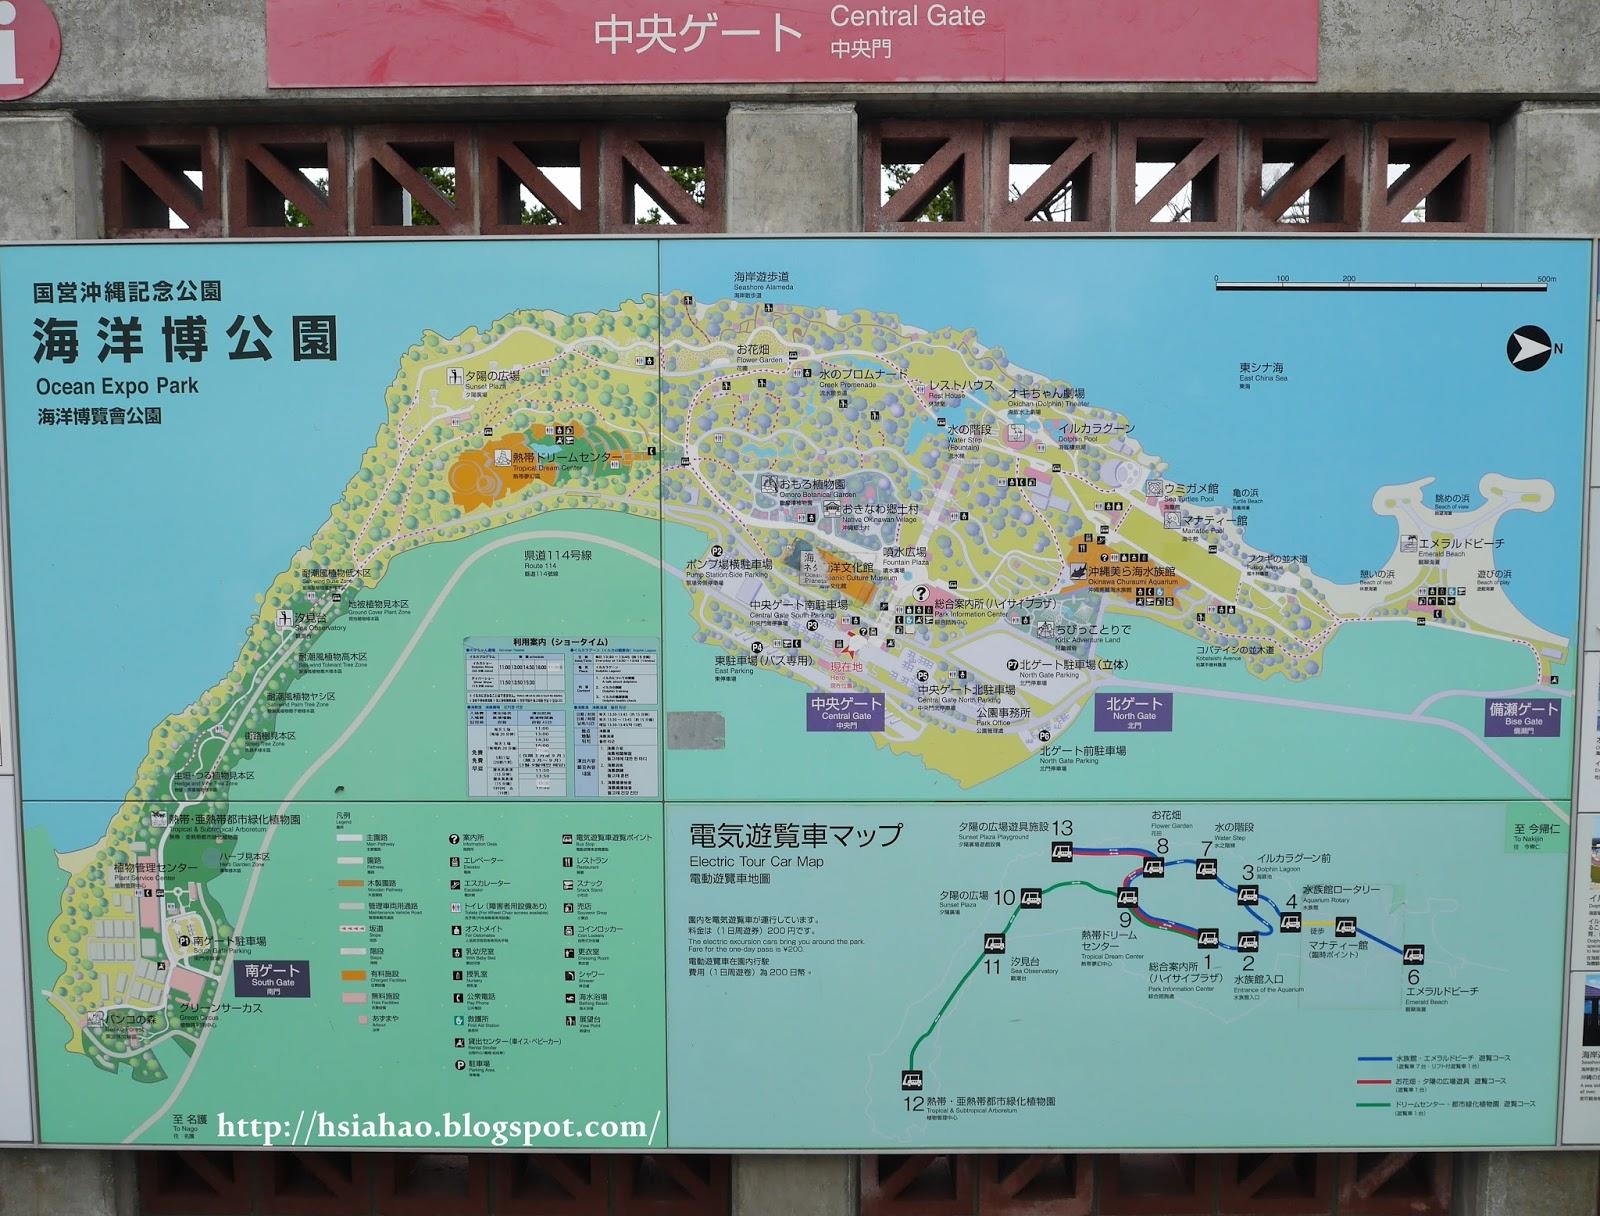 沖繩-海洋博公園-景點-地圖自由行-旅遊-旅行-okinawa-ocean-expo-park-Churaumi